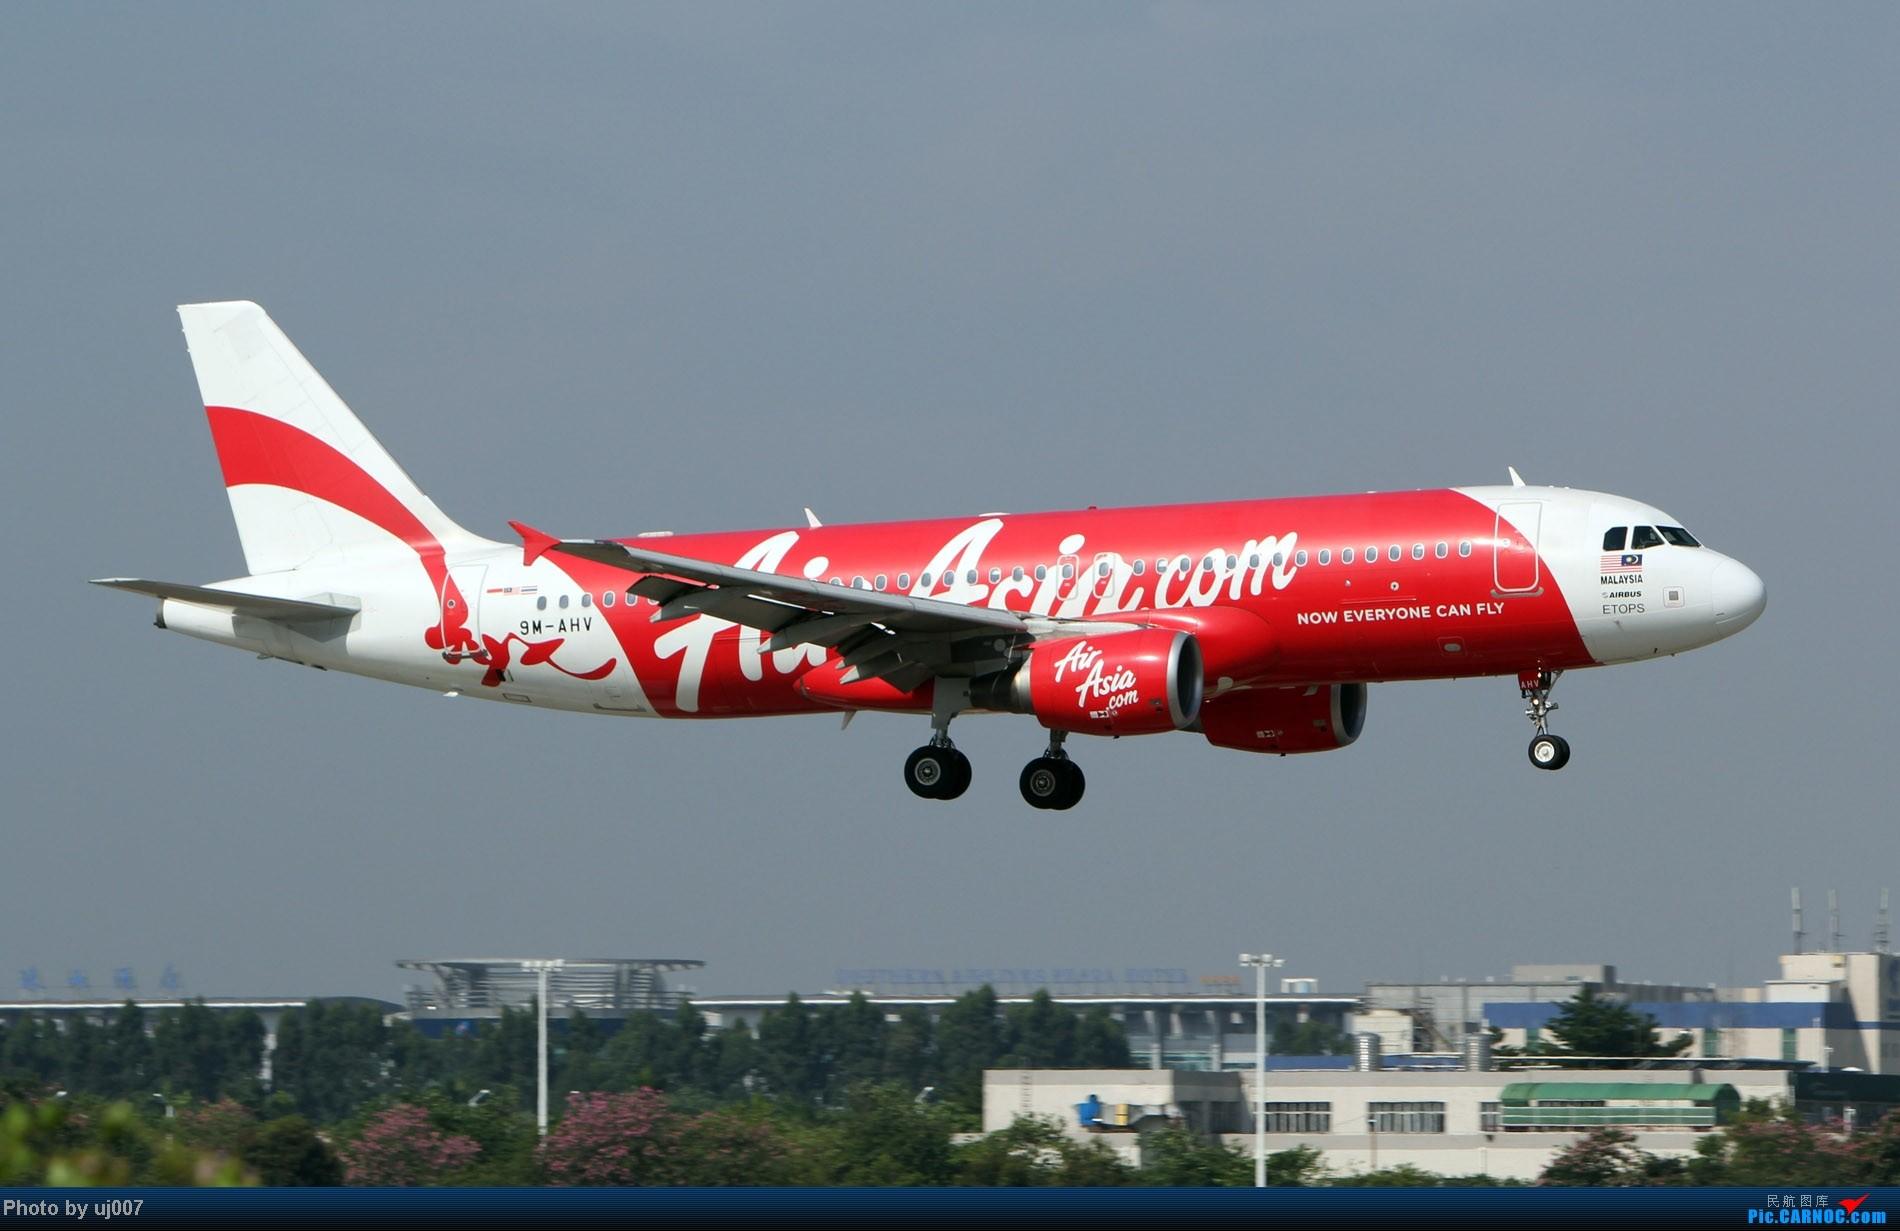 Re:[原创]10月2日白云拍机(大飞机,特别妆,外航,闪灯,擦烟)求指点. AIRBUS A320-200 9M-AHV 广州白云国际机场